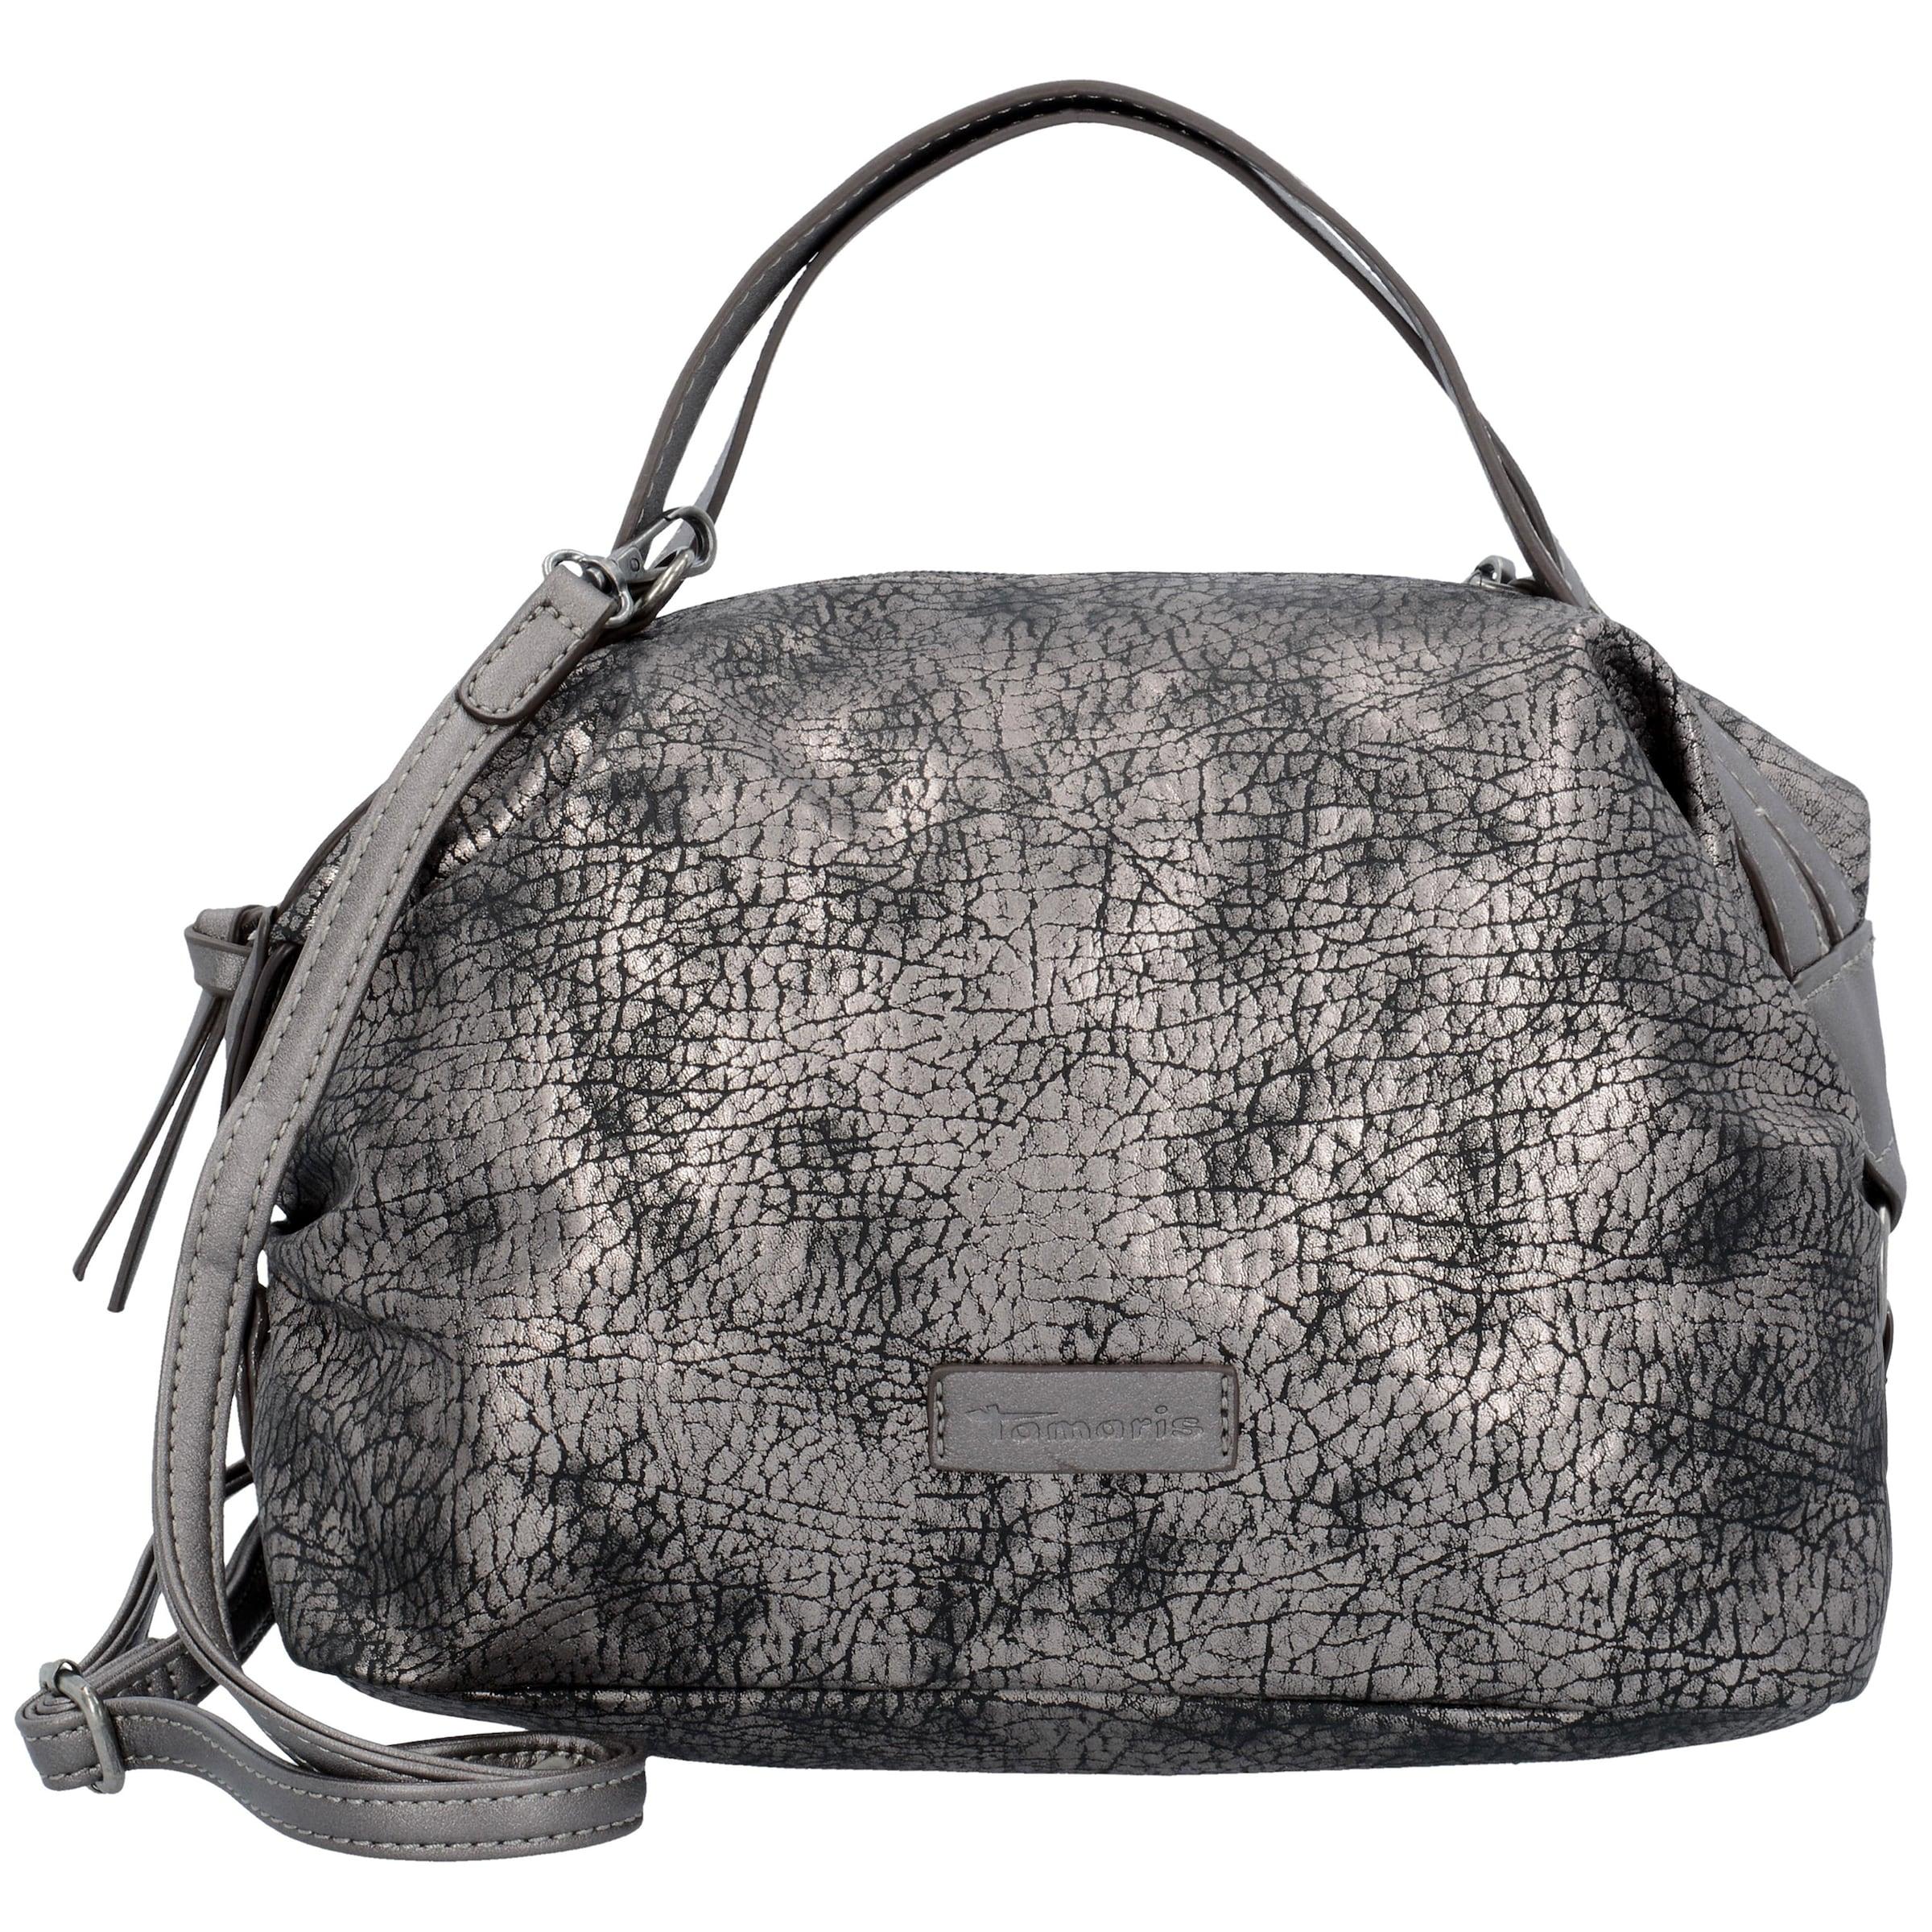 TAMARIS Matilda Handtasche 27 cm Wo Billige Echte Kaufen Manchester Zum Verkauf Amazonas Besuchen Verkauf Online zku3XuiSYq